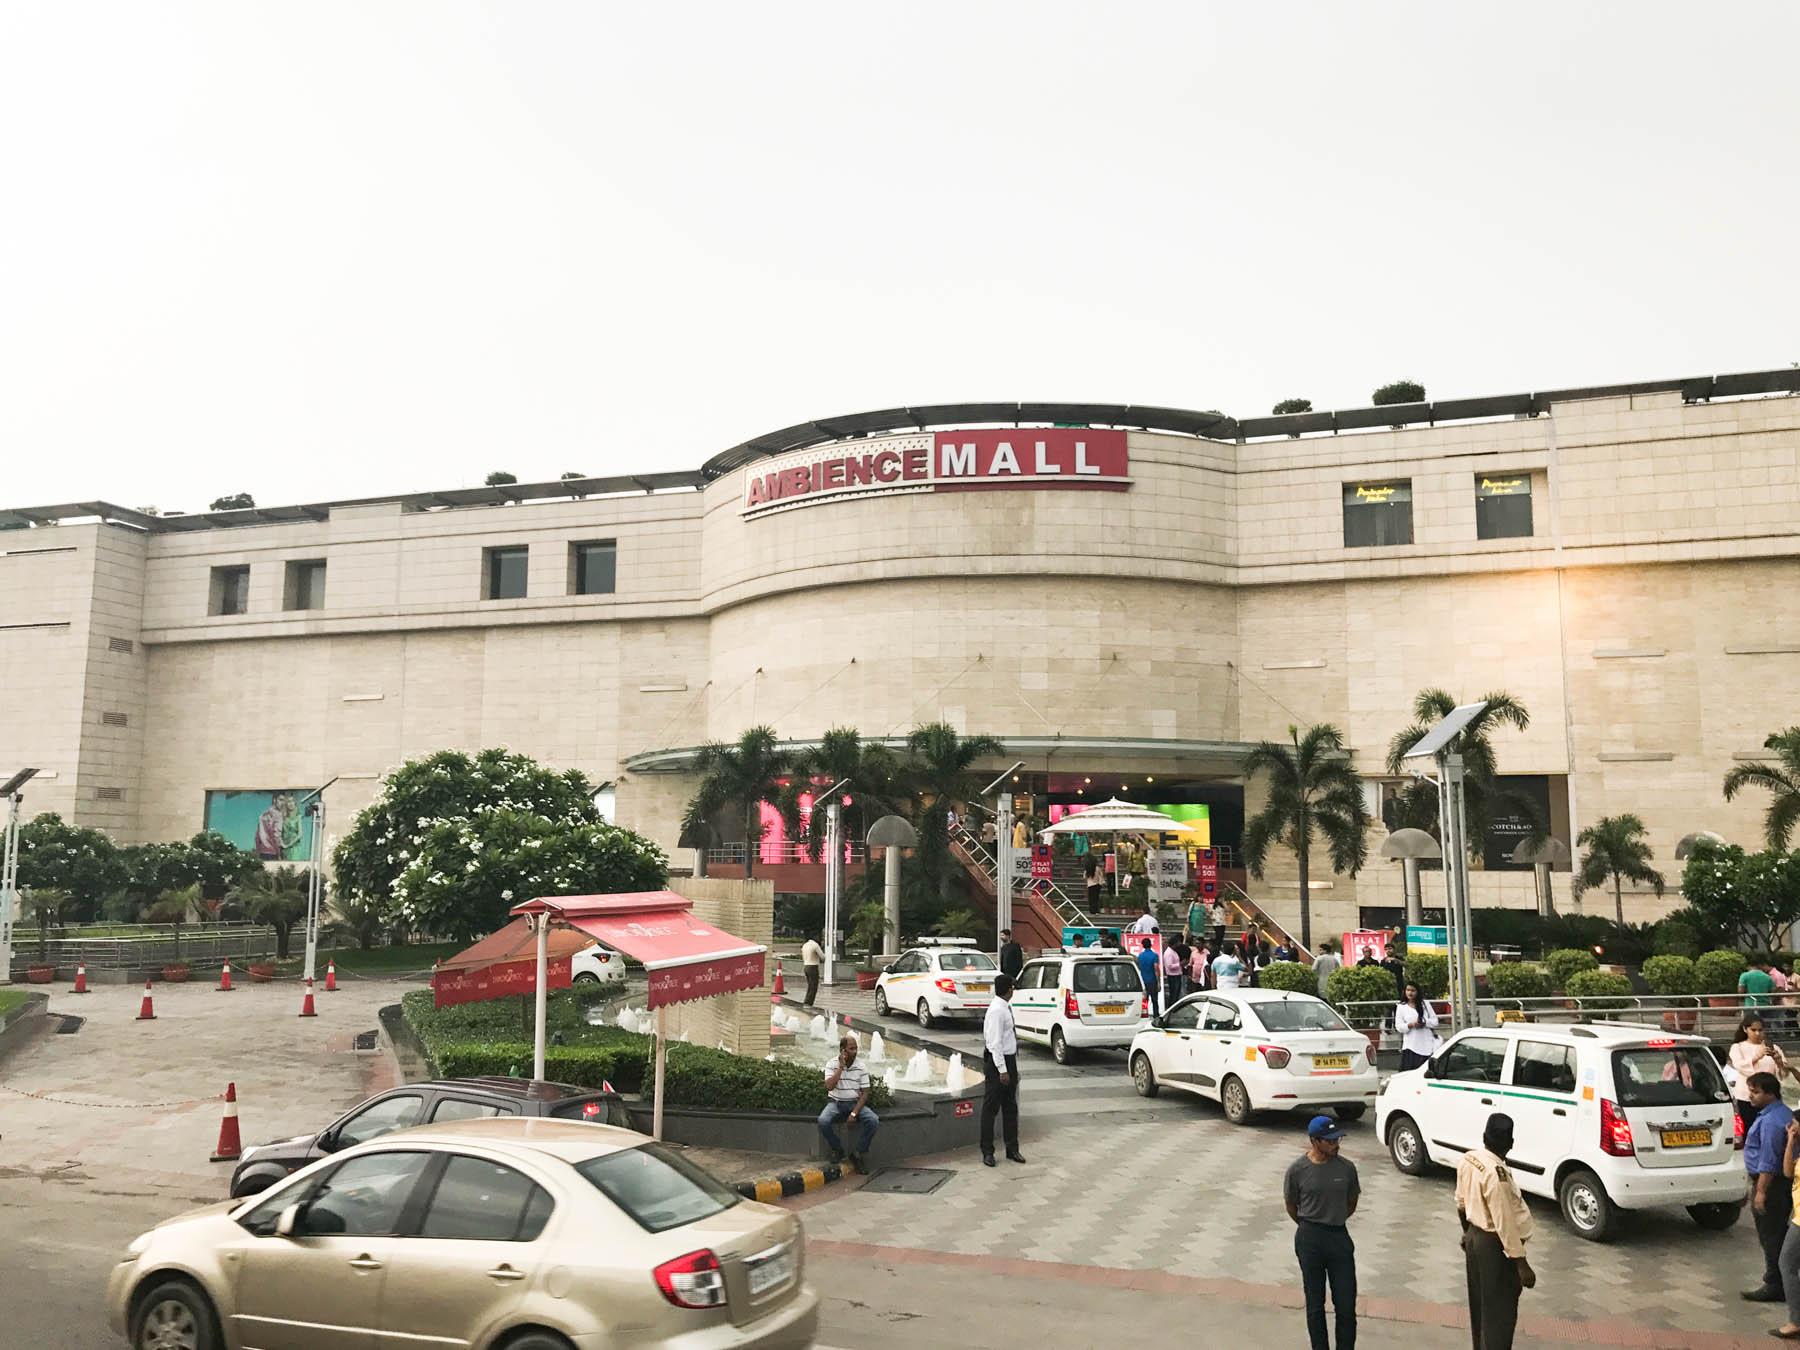 インドのショッピングモール Ambience Mall Vasant Kunj